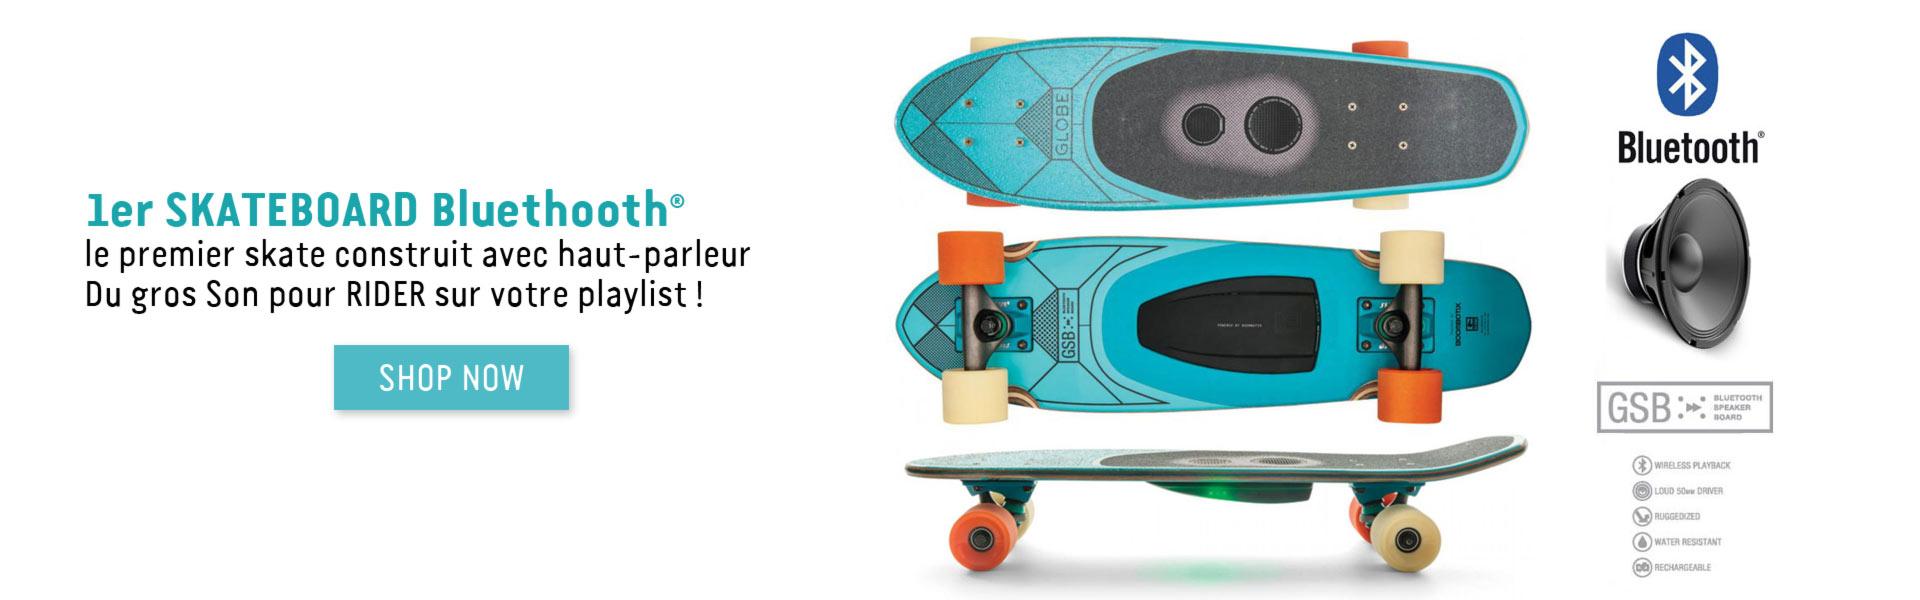 GSB skateboard globe